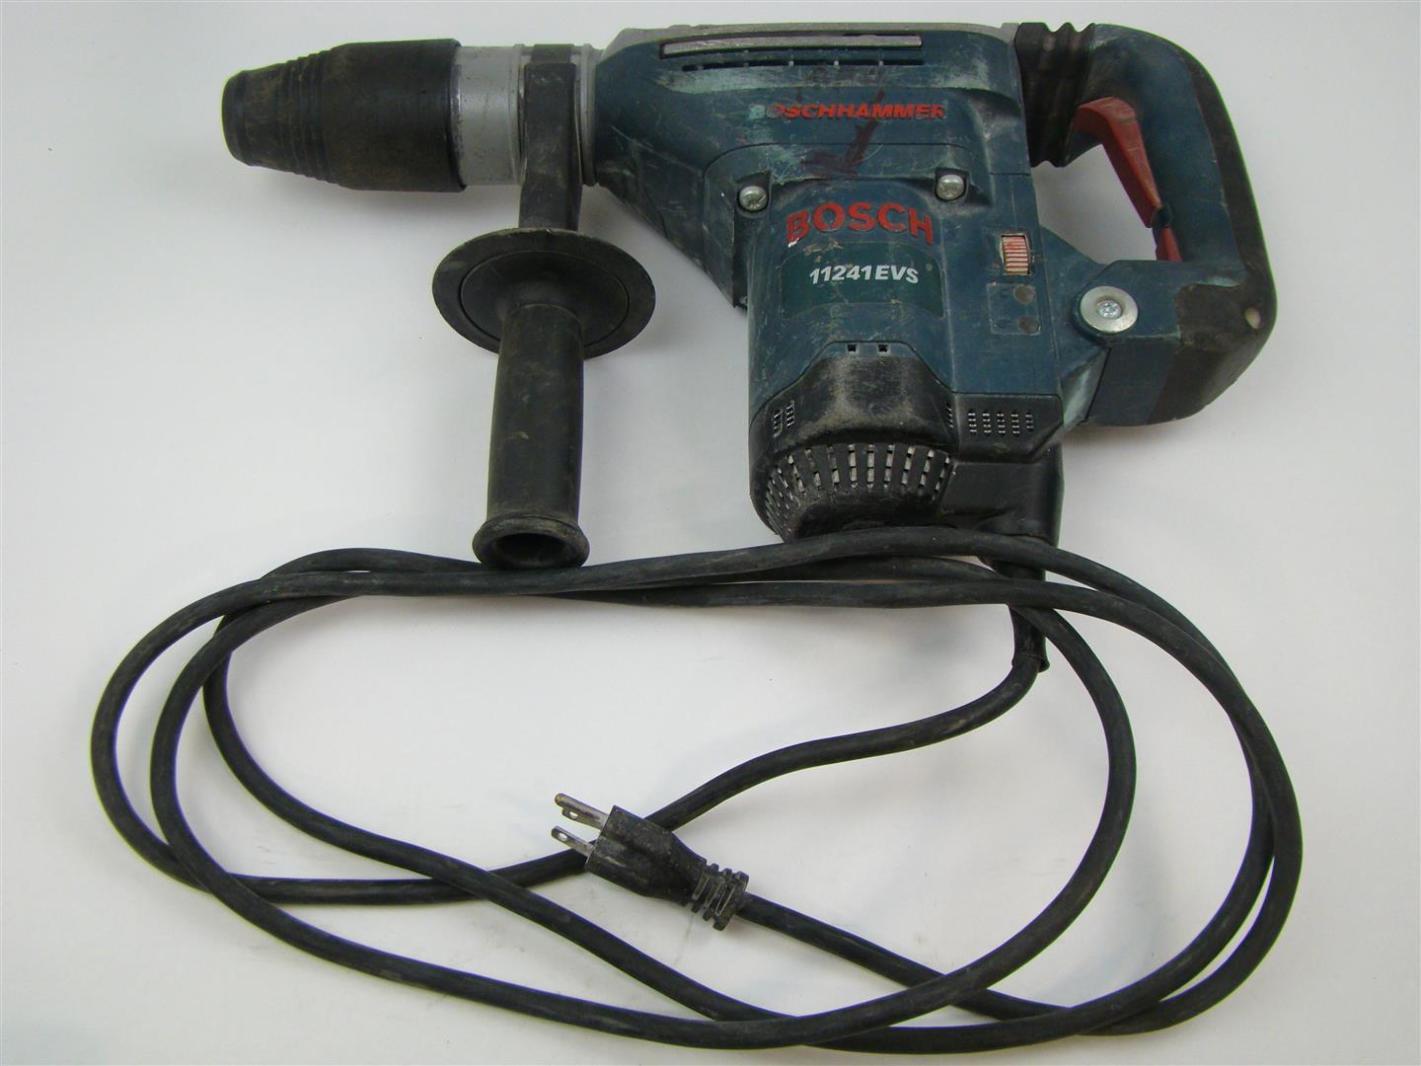 Bosch 11241EVS Heavy Duty Hammer Drill Power Tool 120V | eBay on